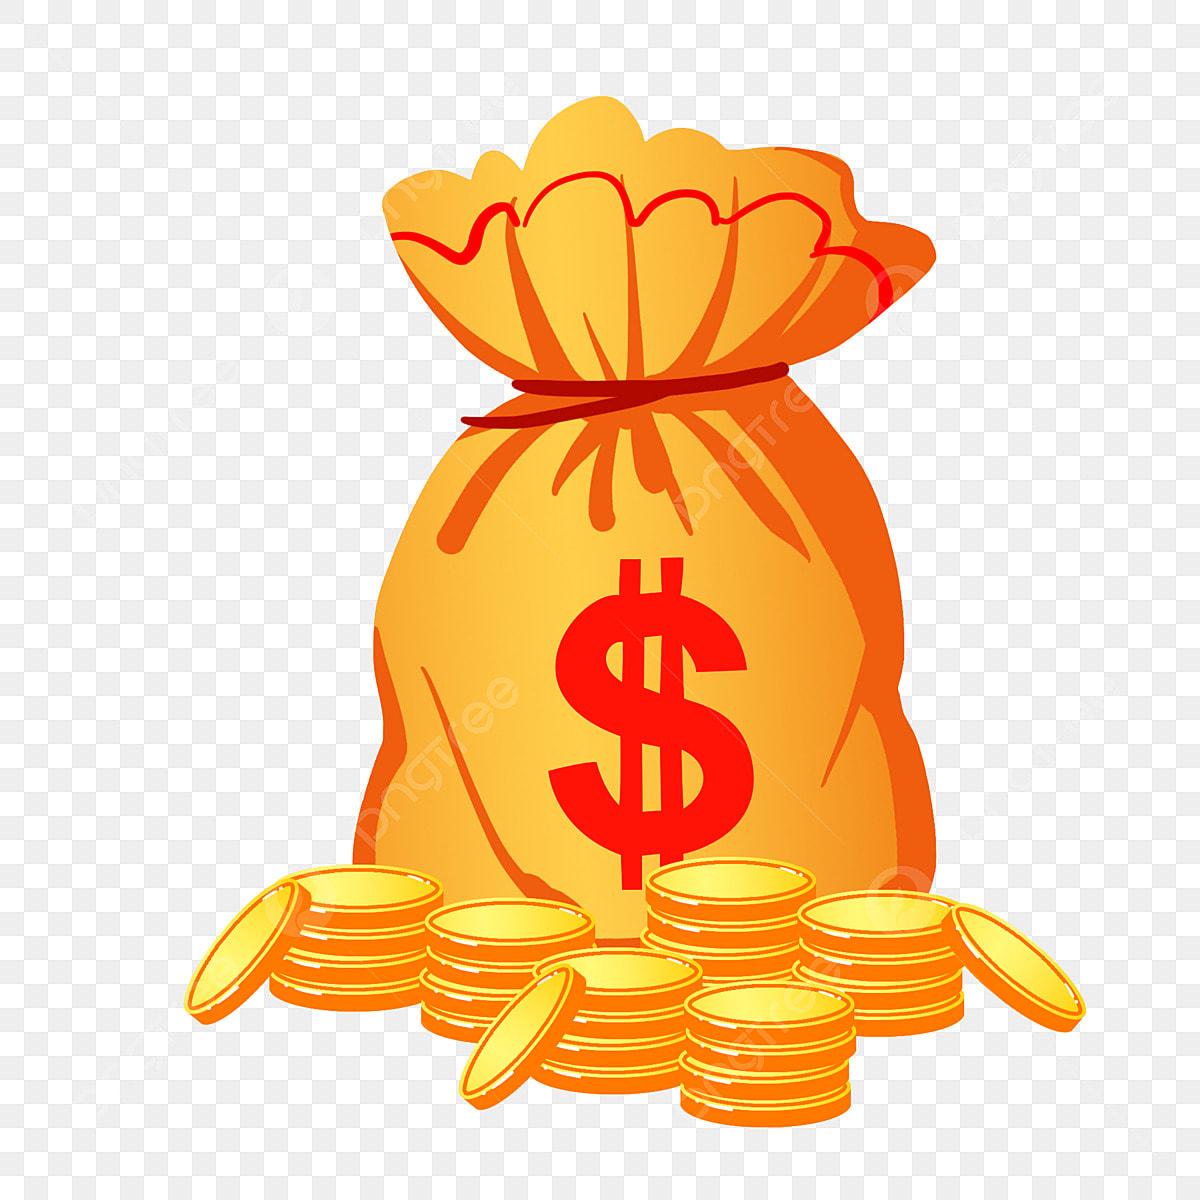 無料ダウンロードのためのカトゥーン手袋イラスト 漫画 握ろを握る お金